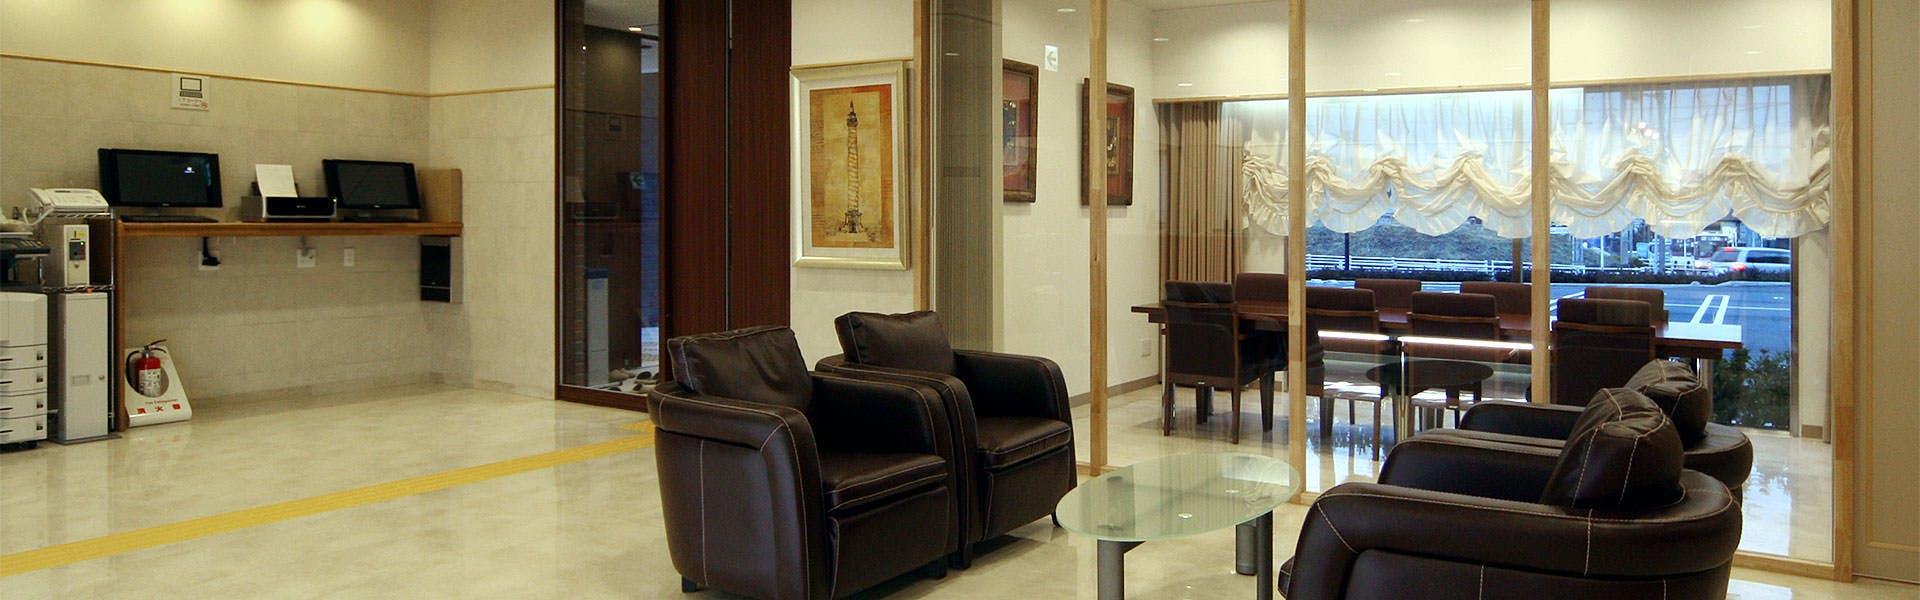 記念日におすすめのホテル・【ラクシオ・イン】の写真2